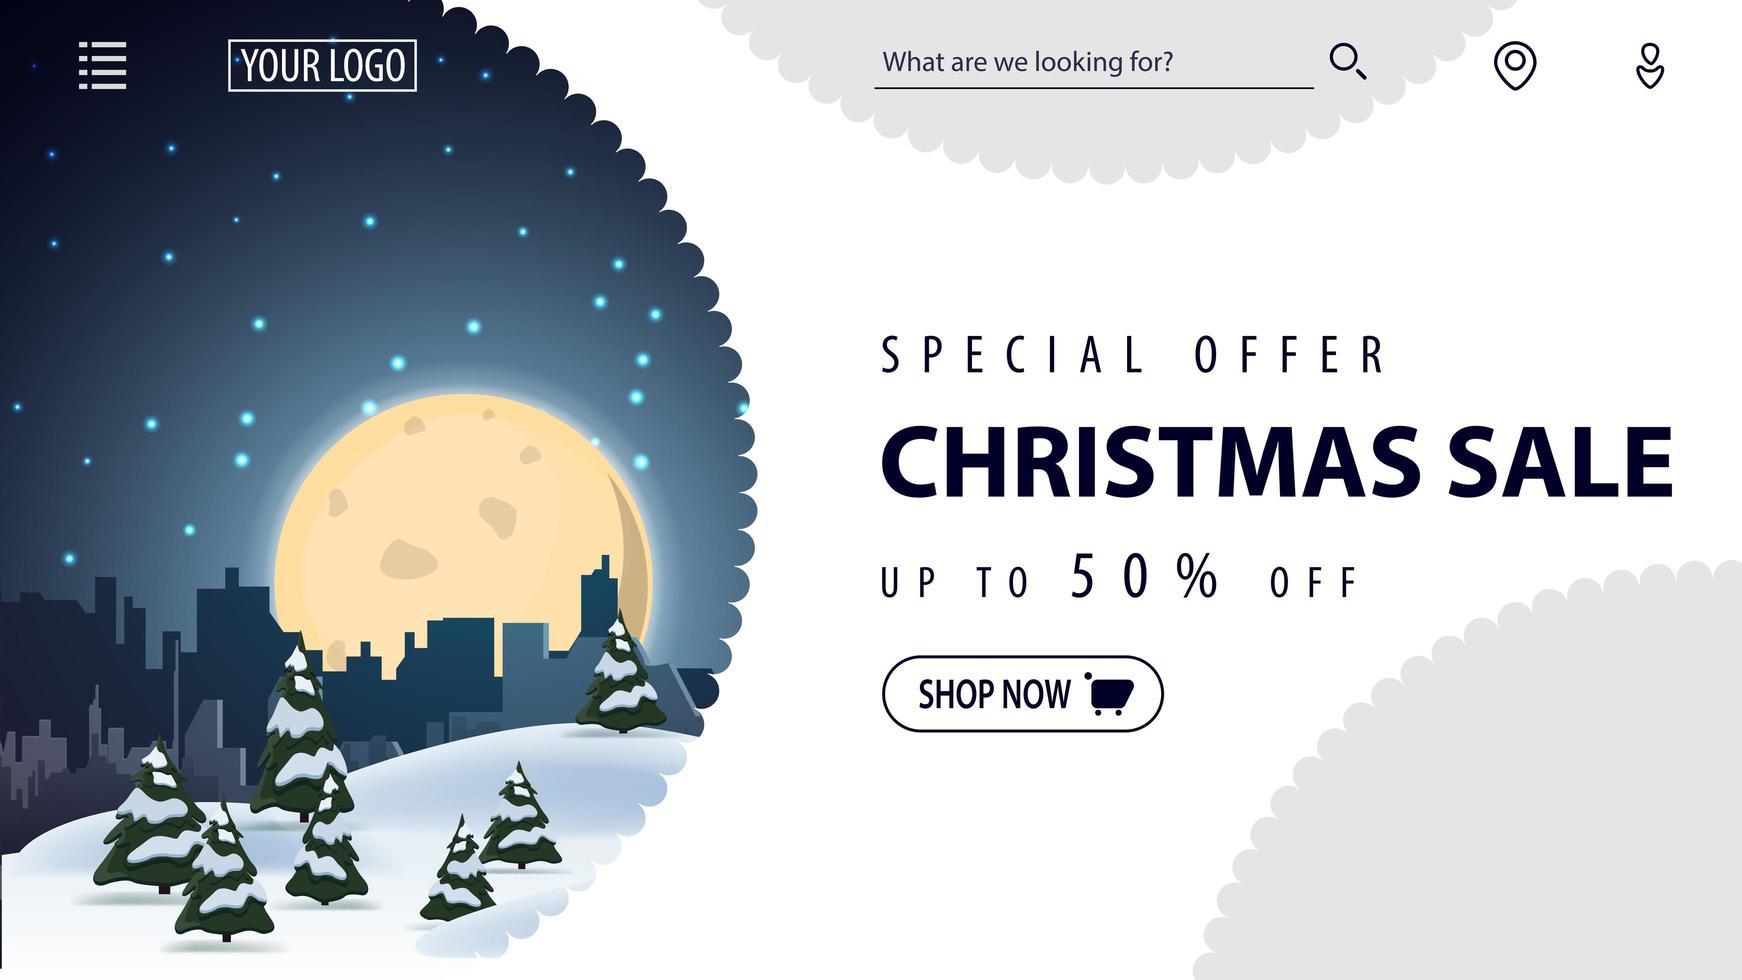 Sonderangebot, Weihnachtsverkauf, bis zu 50 Rabatt, schönes weißes Rabatt-Banner für Website im minimalistischen weißen Stil mit Winterlandschaft auf Hintergrund vektor